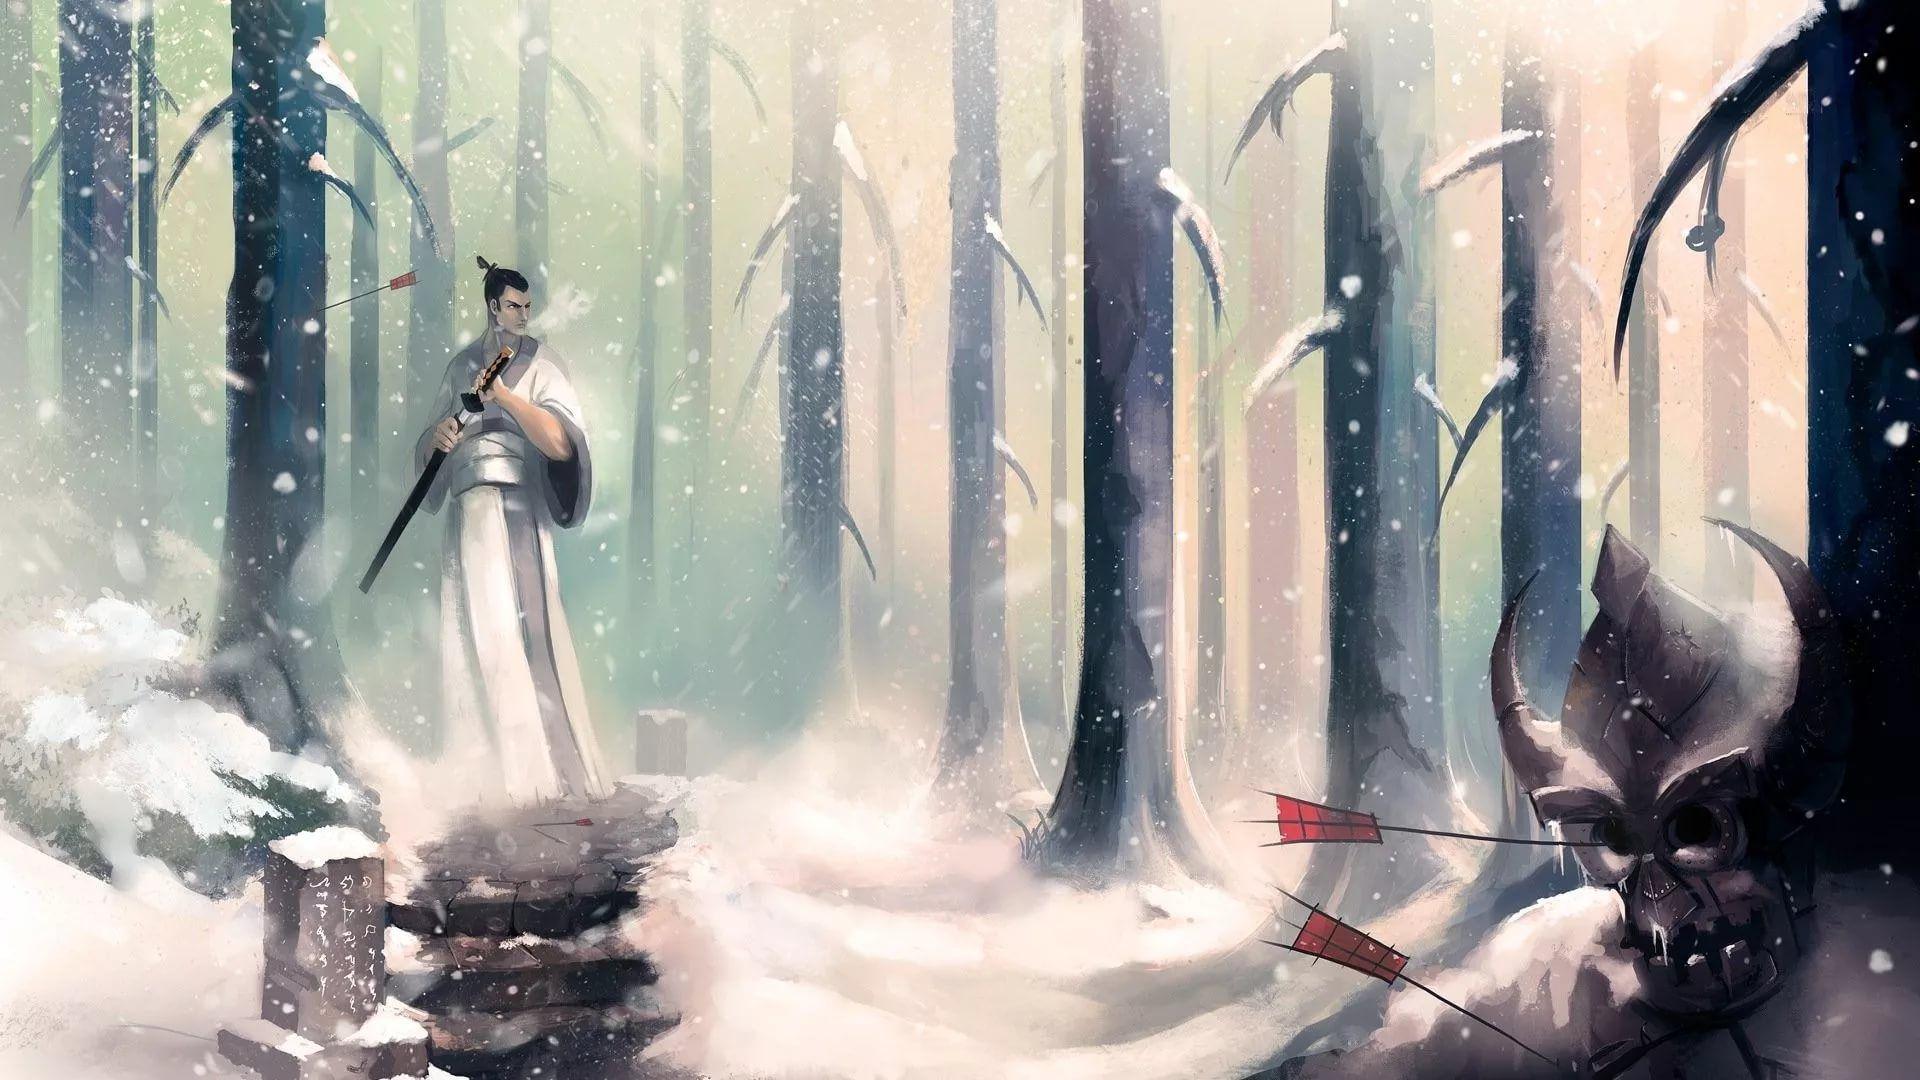 Samurai Jack Cool Wallpaper